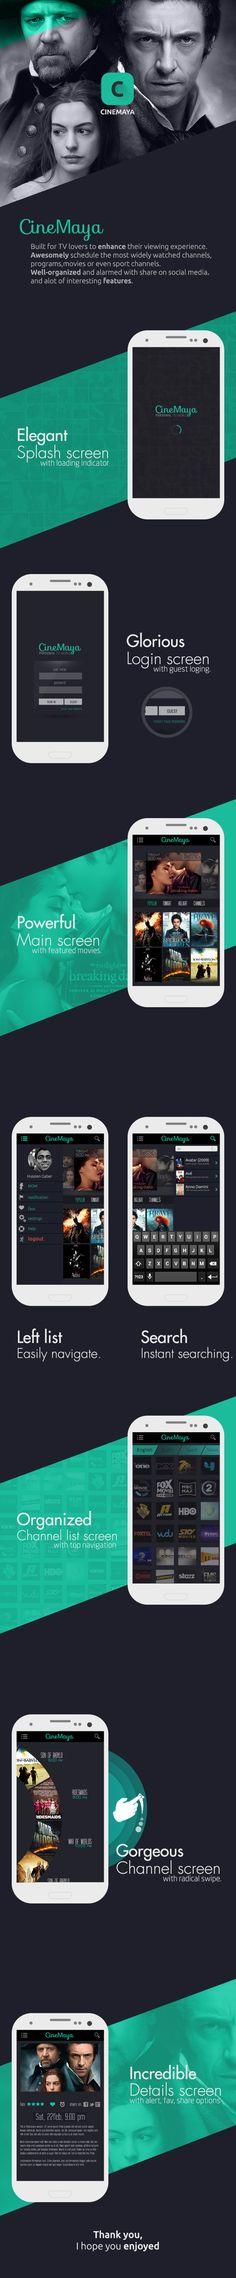 CineMaya app. by Hussein Gaber, via Behance